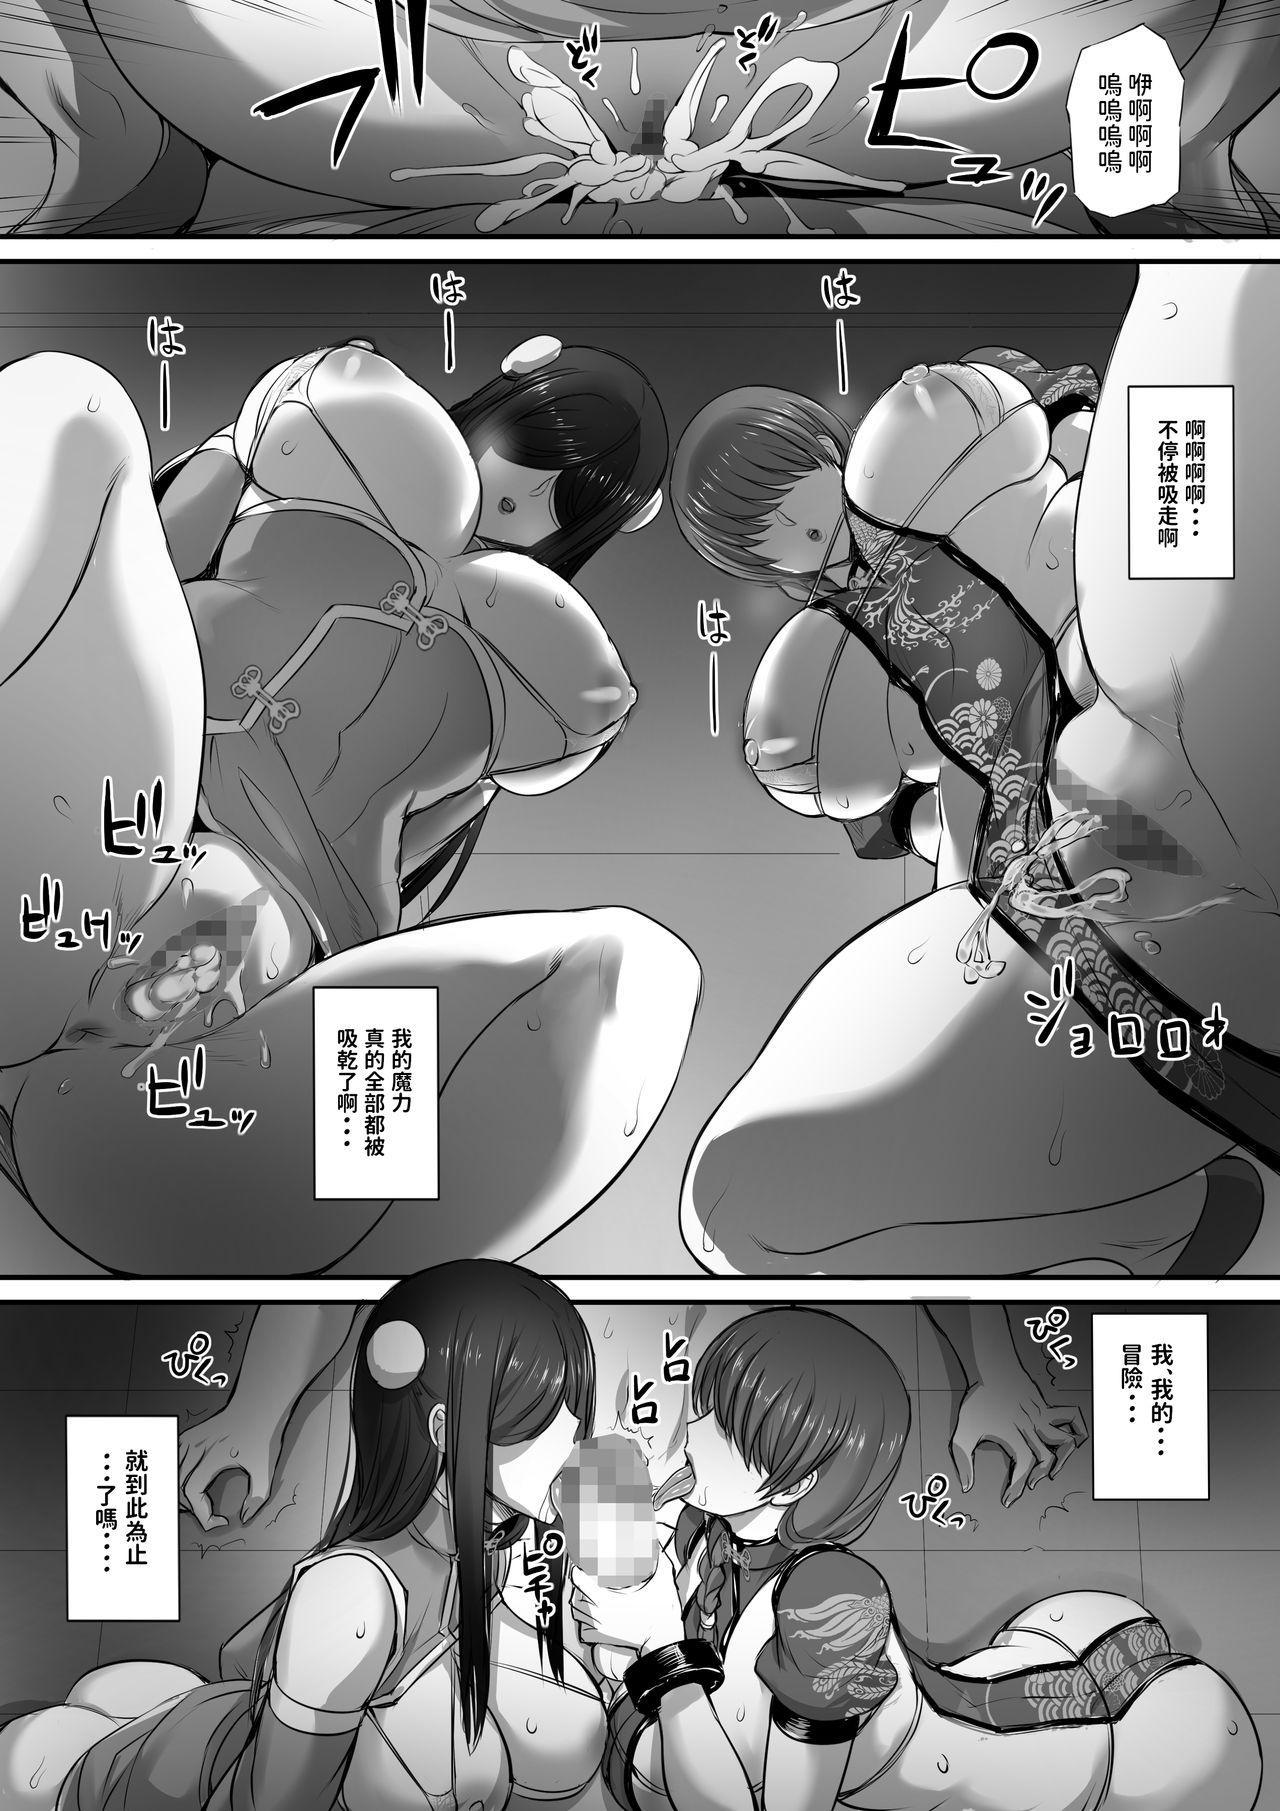 Meikyuu de Kakutou Musume no Shitai o Hirotte Jiangshi ni Shitemita Hanashi 2 22